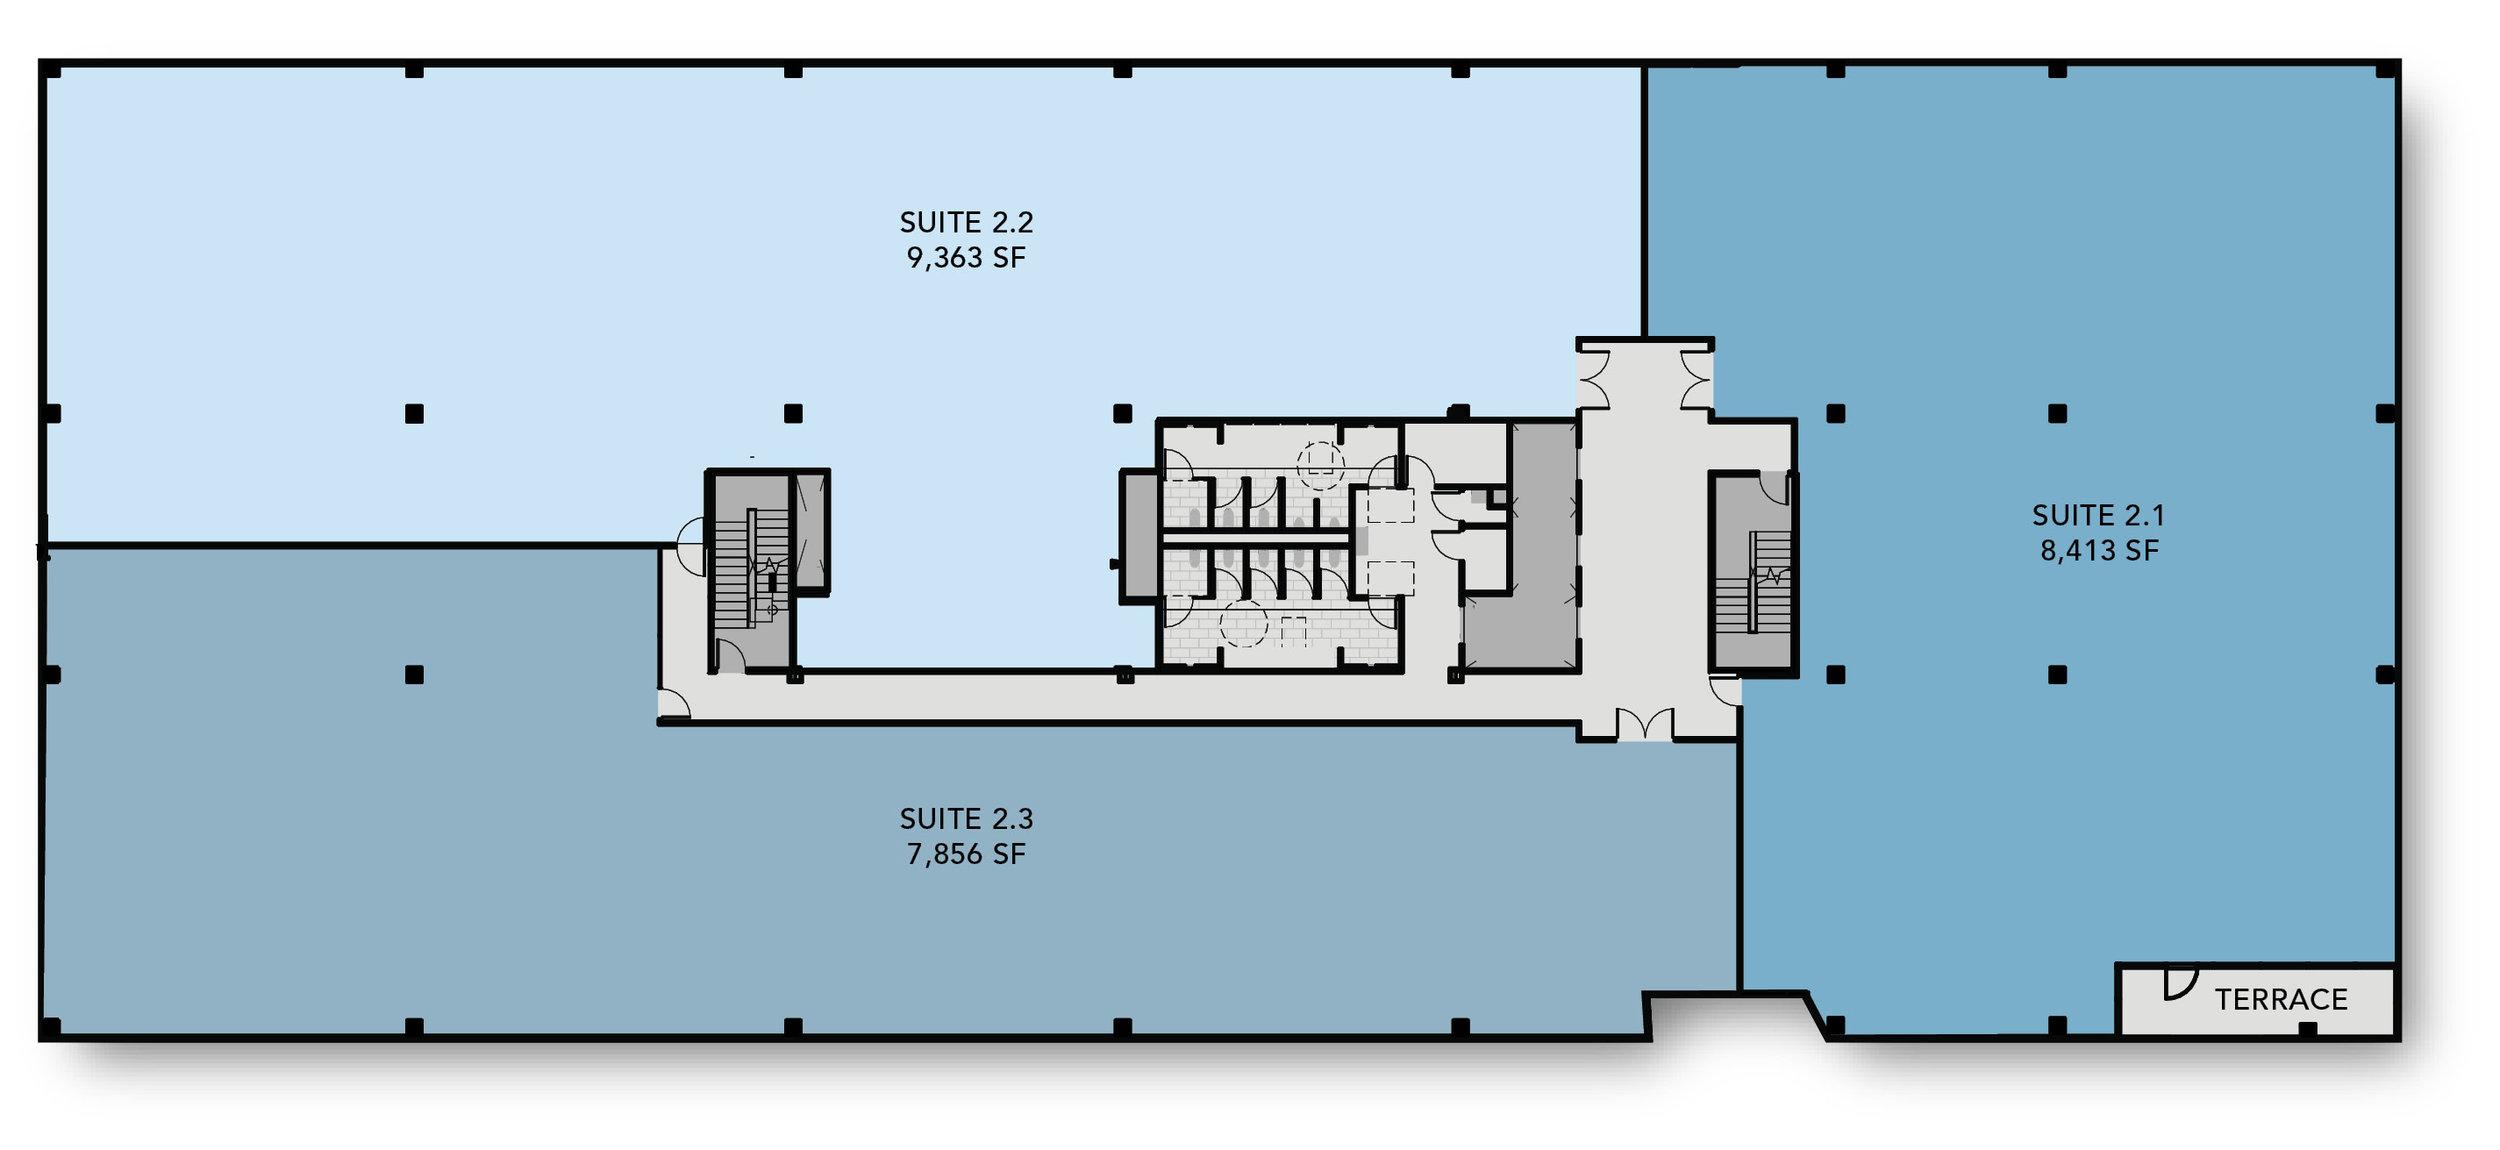 650Park_FloorplansMultiF2.jpg